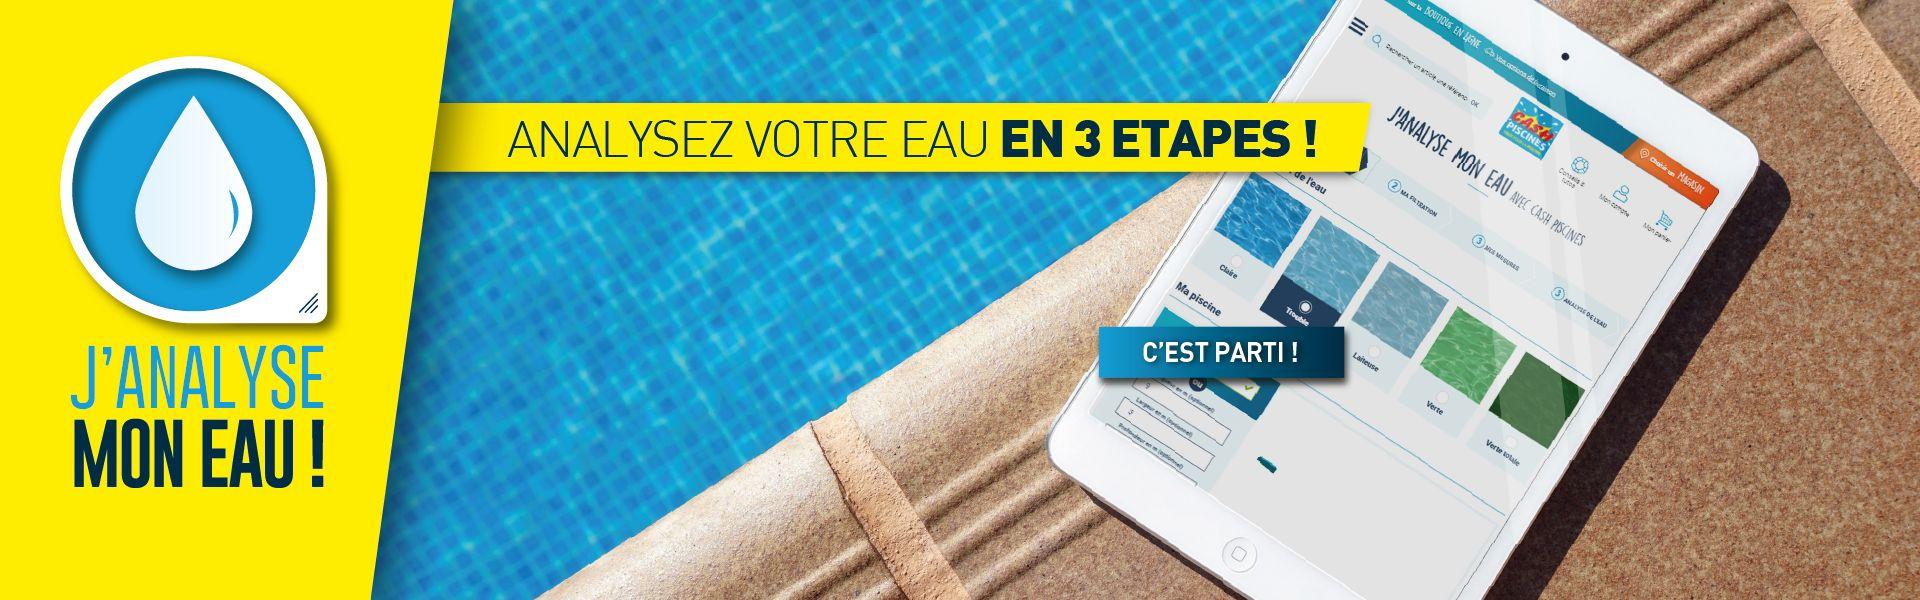 Cash Piscines - Tout Pour La Piscine & Spas Gonflables ... intérieur Cash Piscine Agen